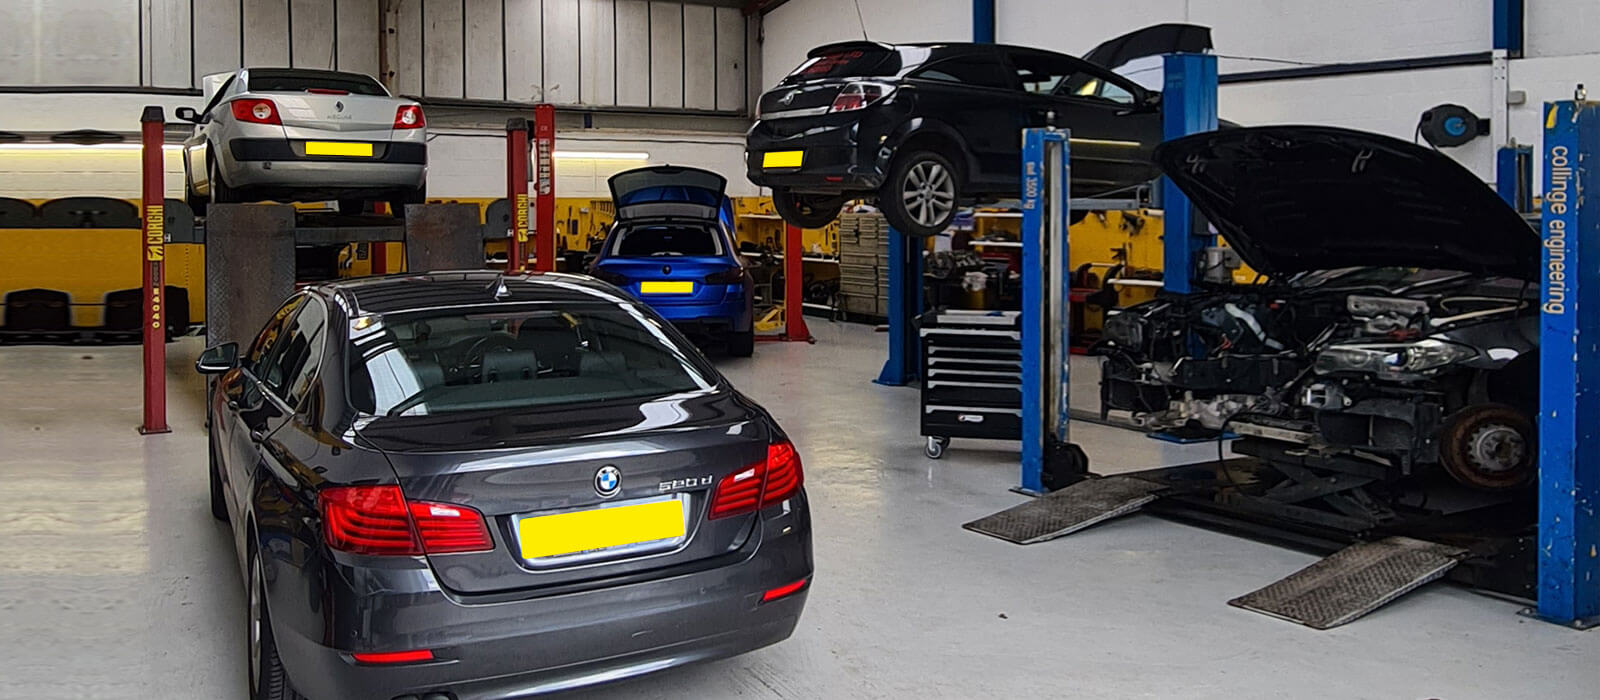 garage-image